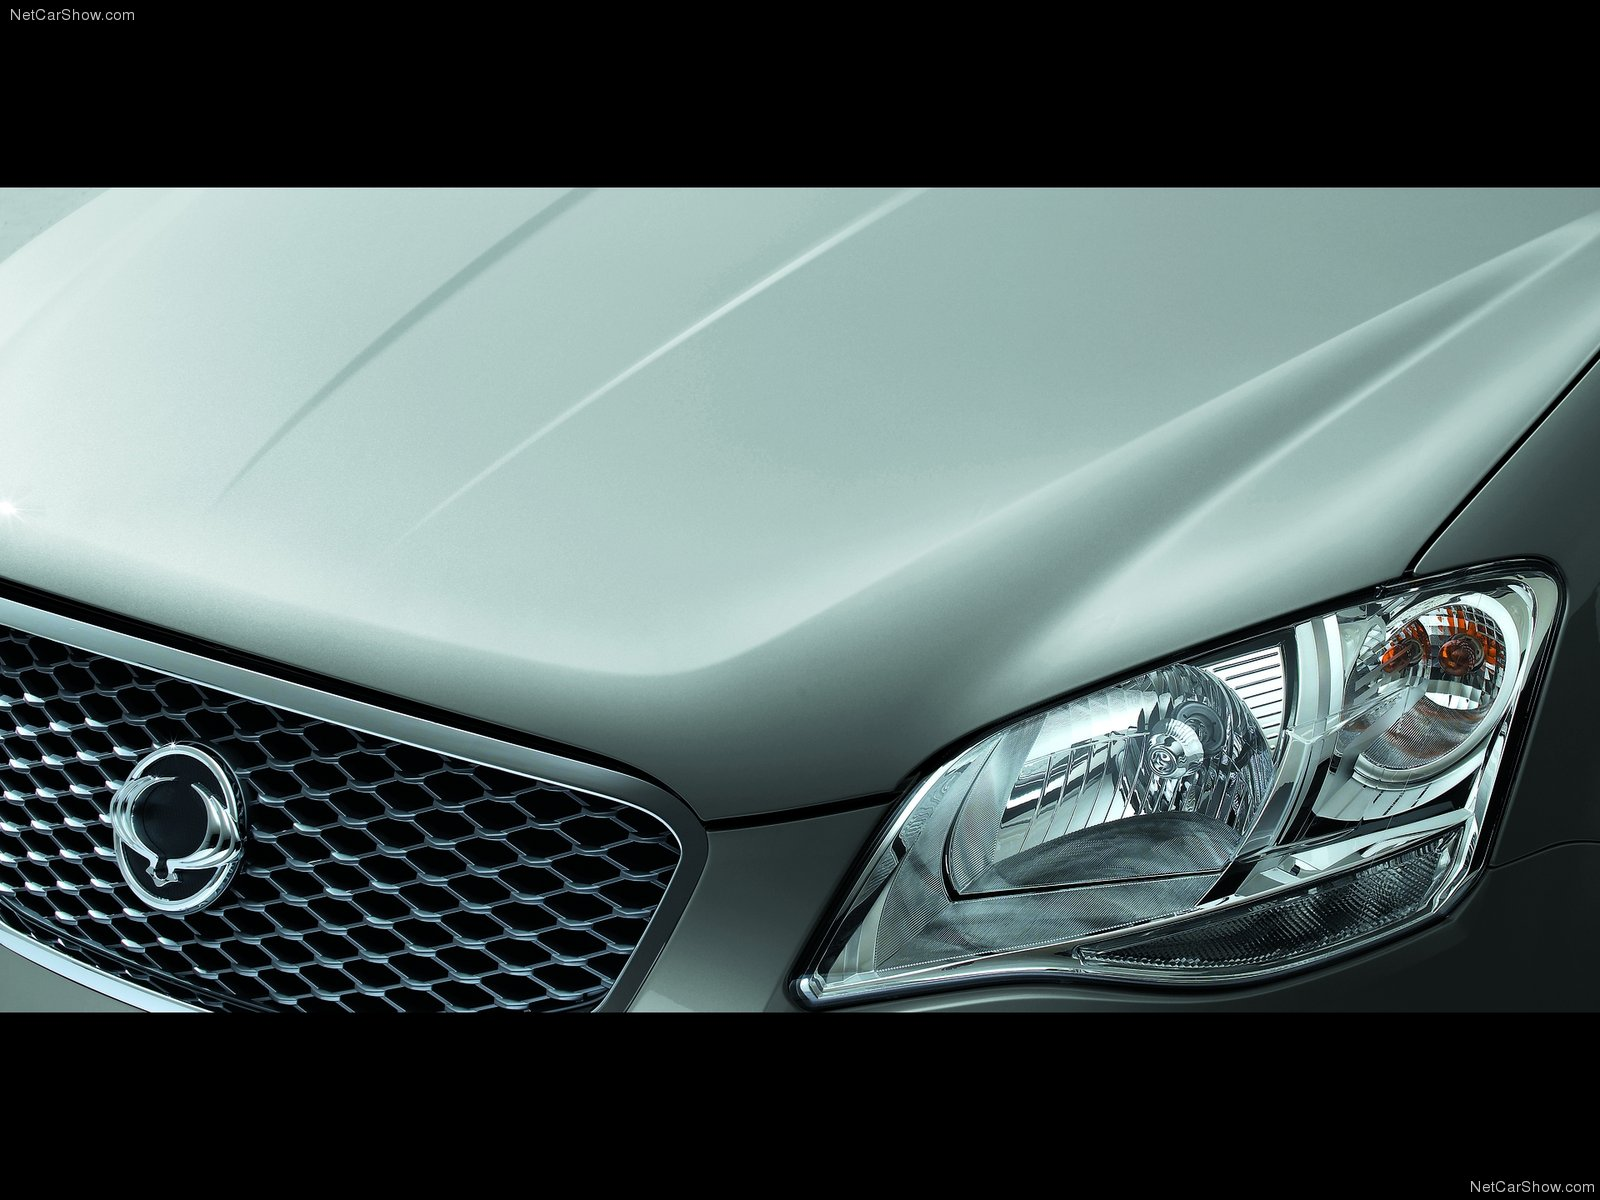 Hình ảnh xe ô tô SsangYong Korando 2011 & nội ngoại thất